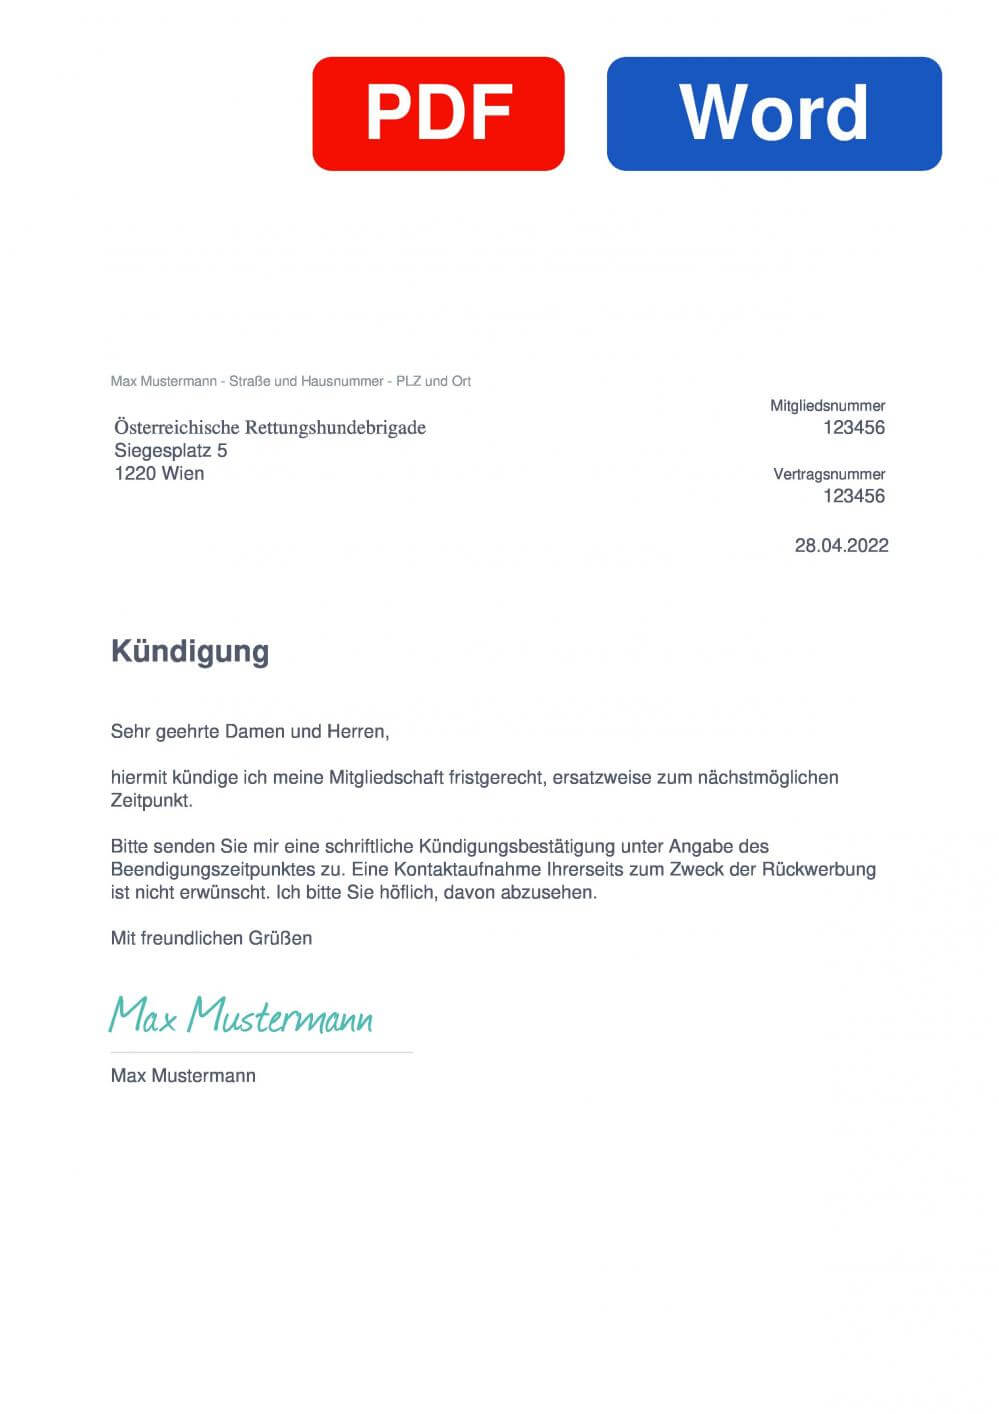 ÖRHB Muster Vorlage für Kündigungsschreiben